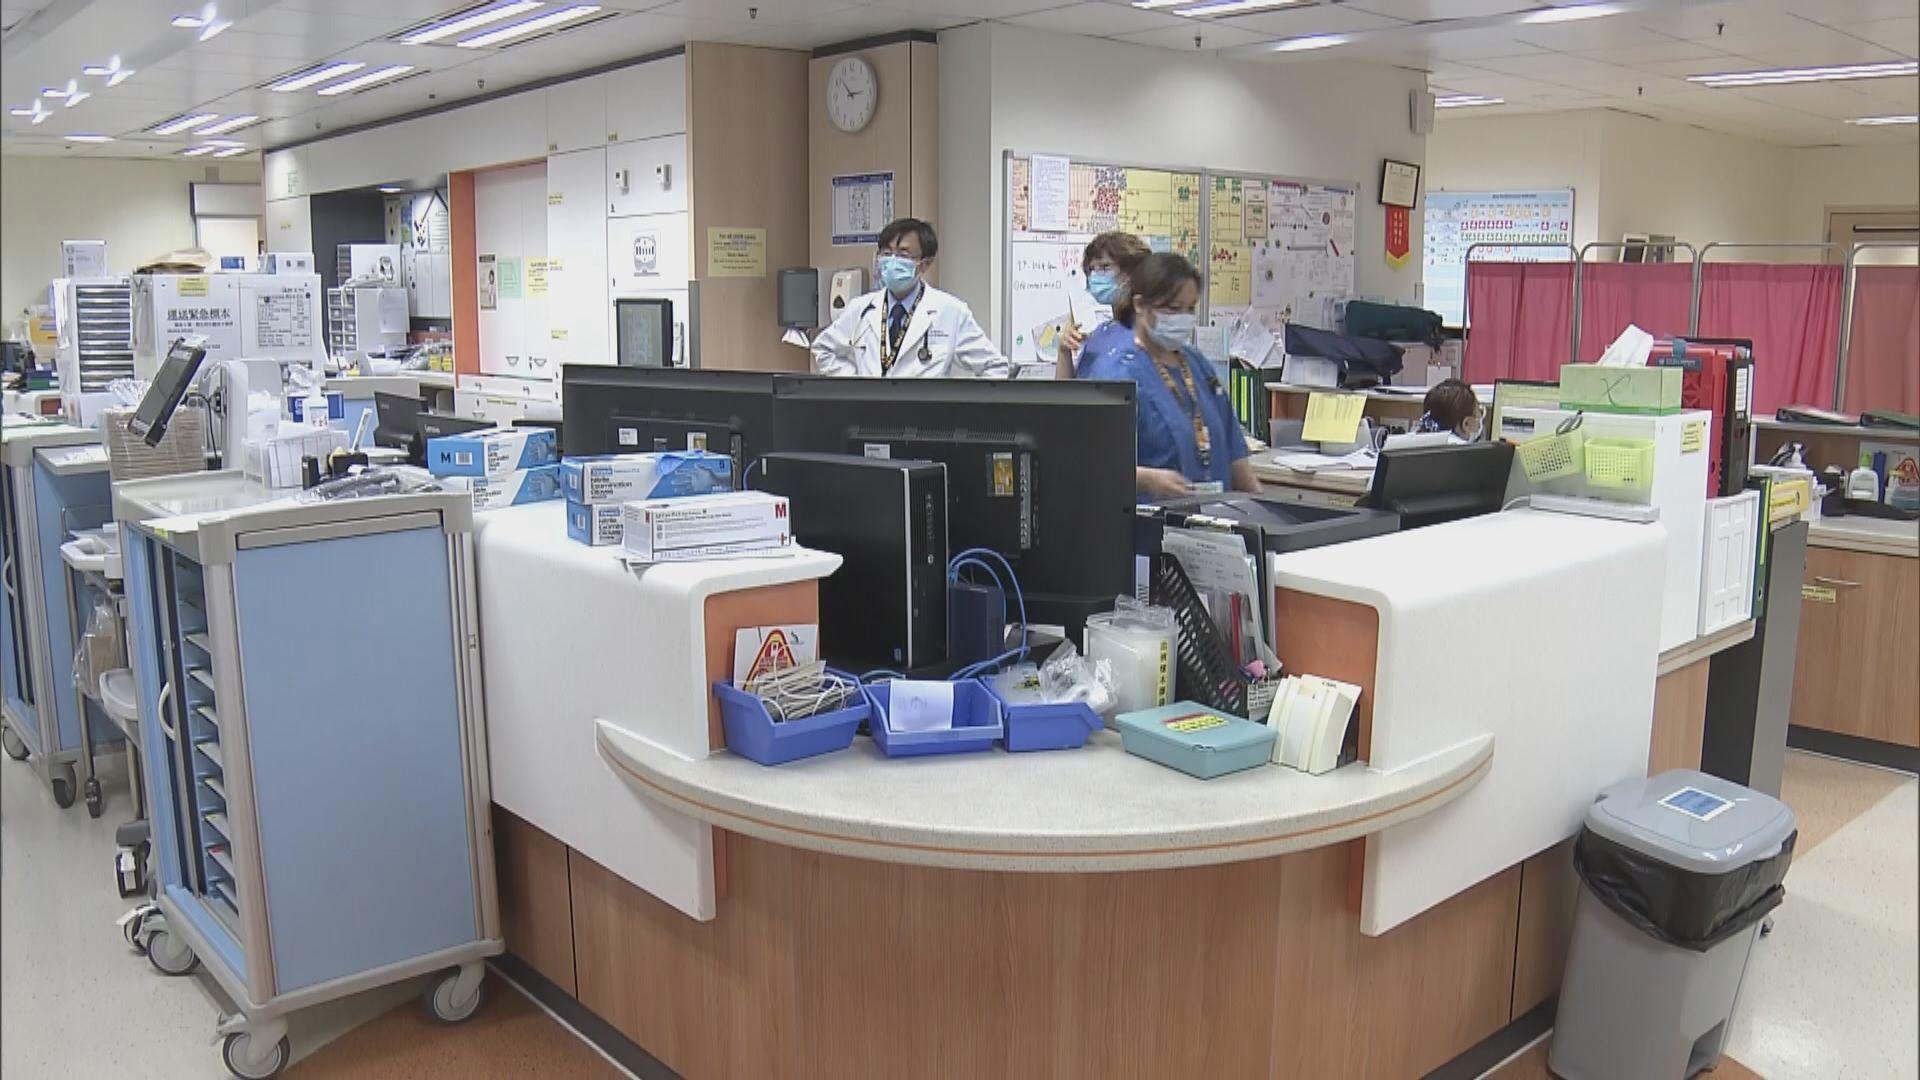 醫管局臨床管理系統故障 醫護無法查病人紀錄